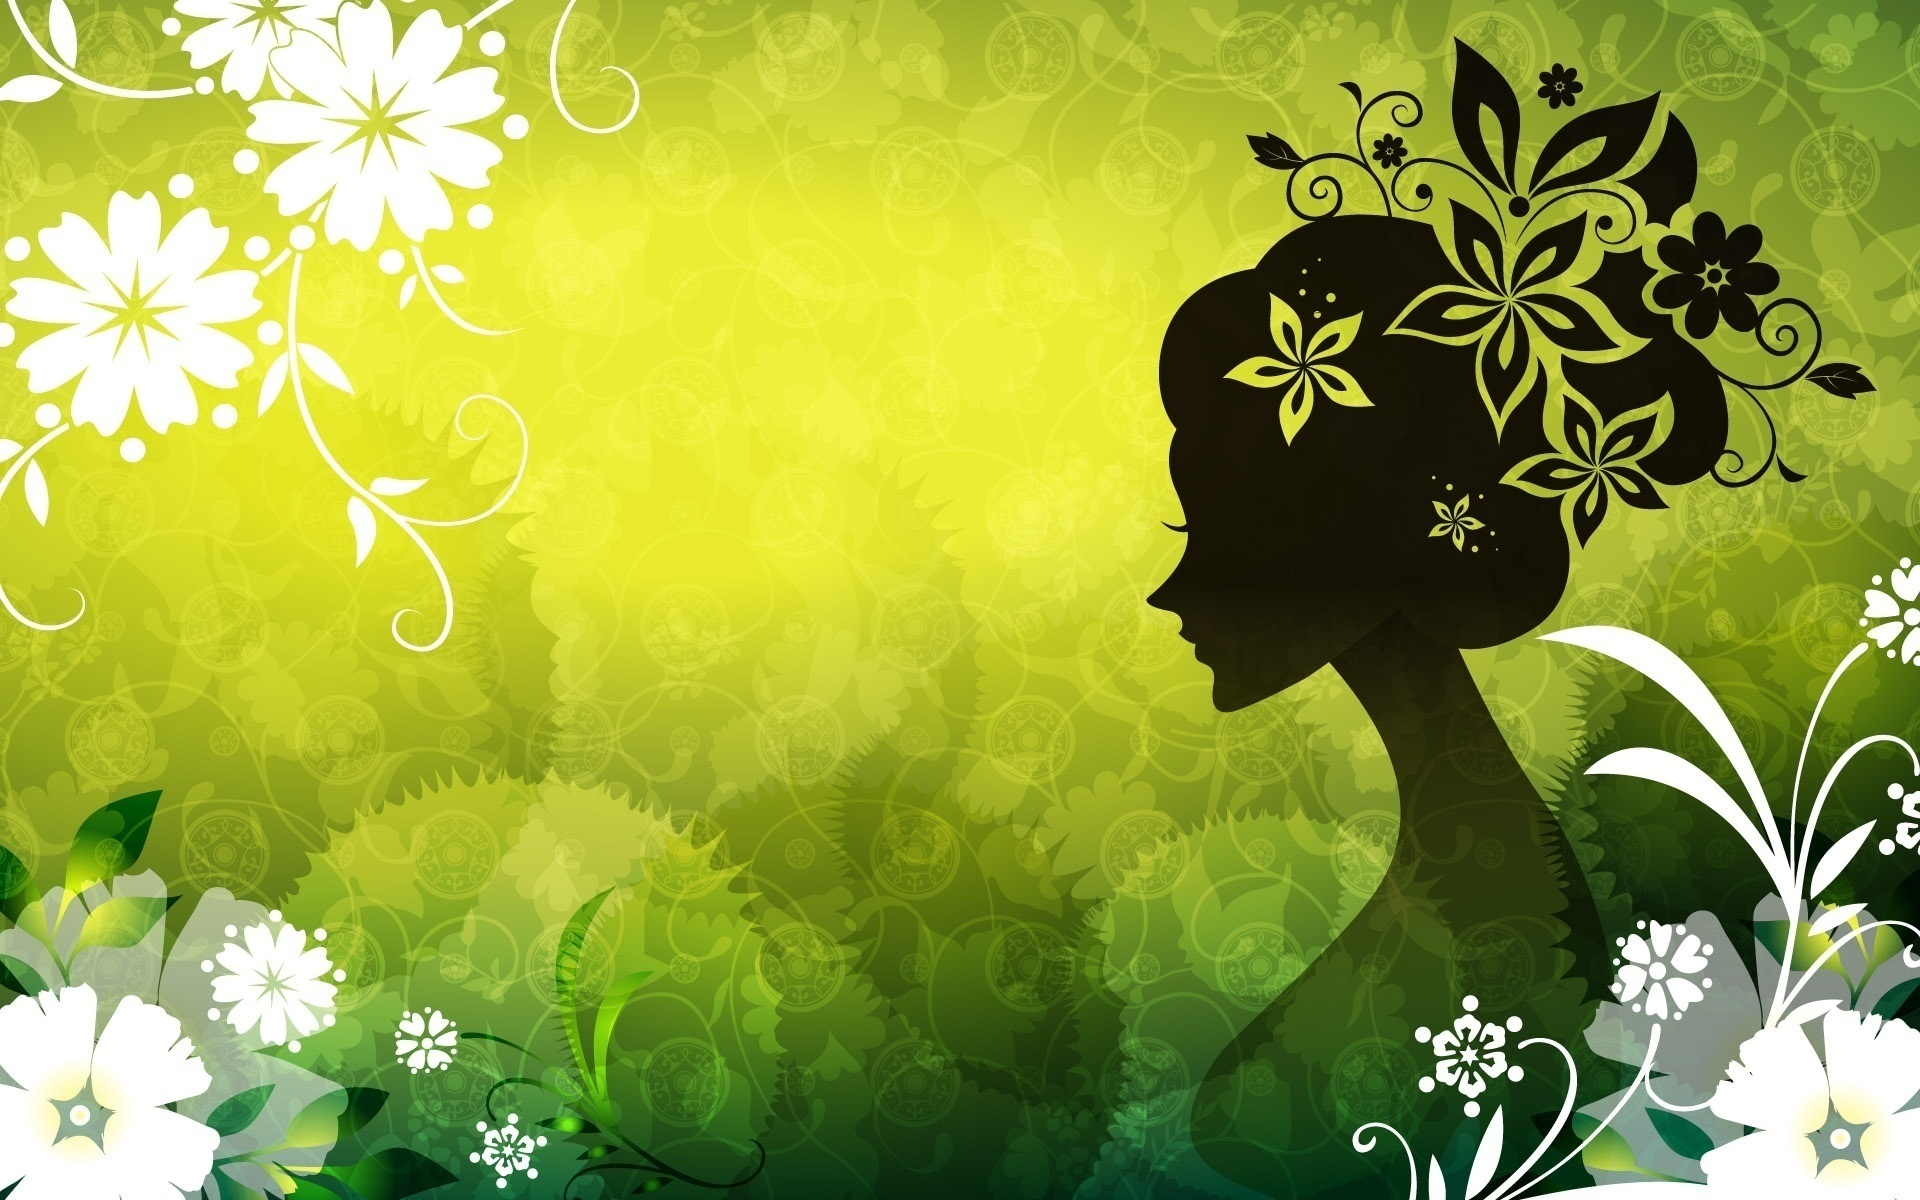 Красивые картинки с цветами для афиши непосредственно менеджером